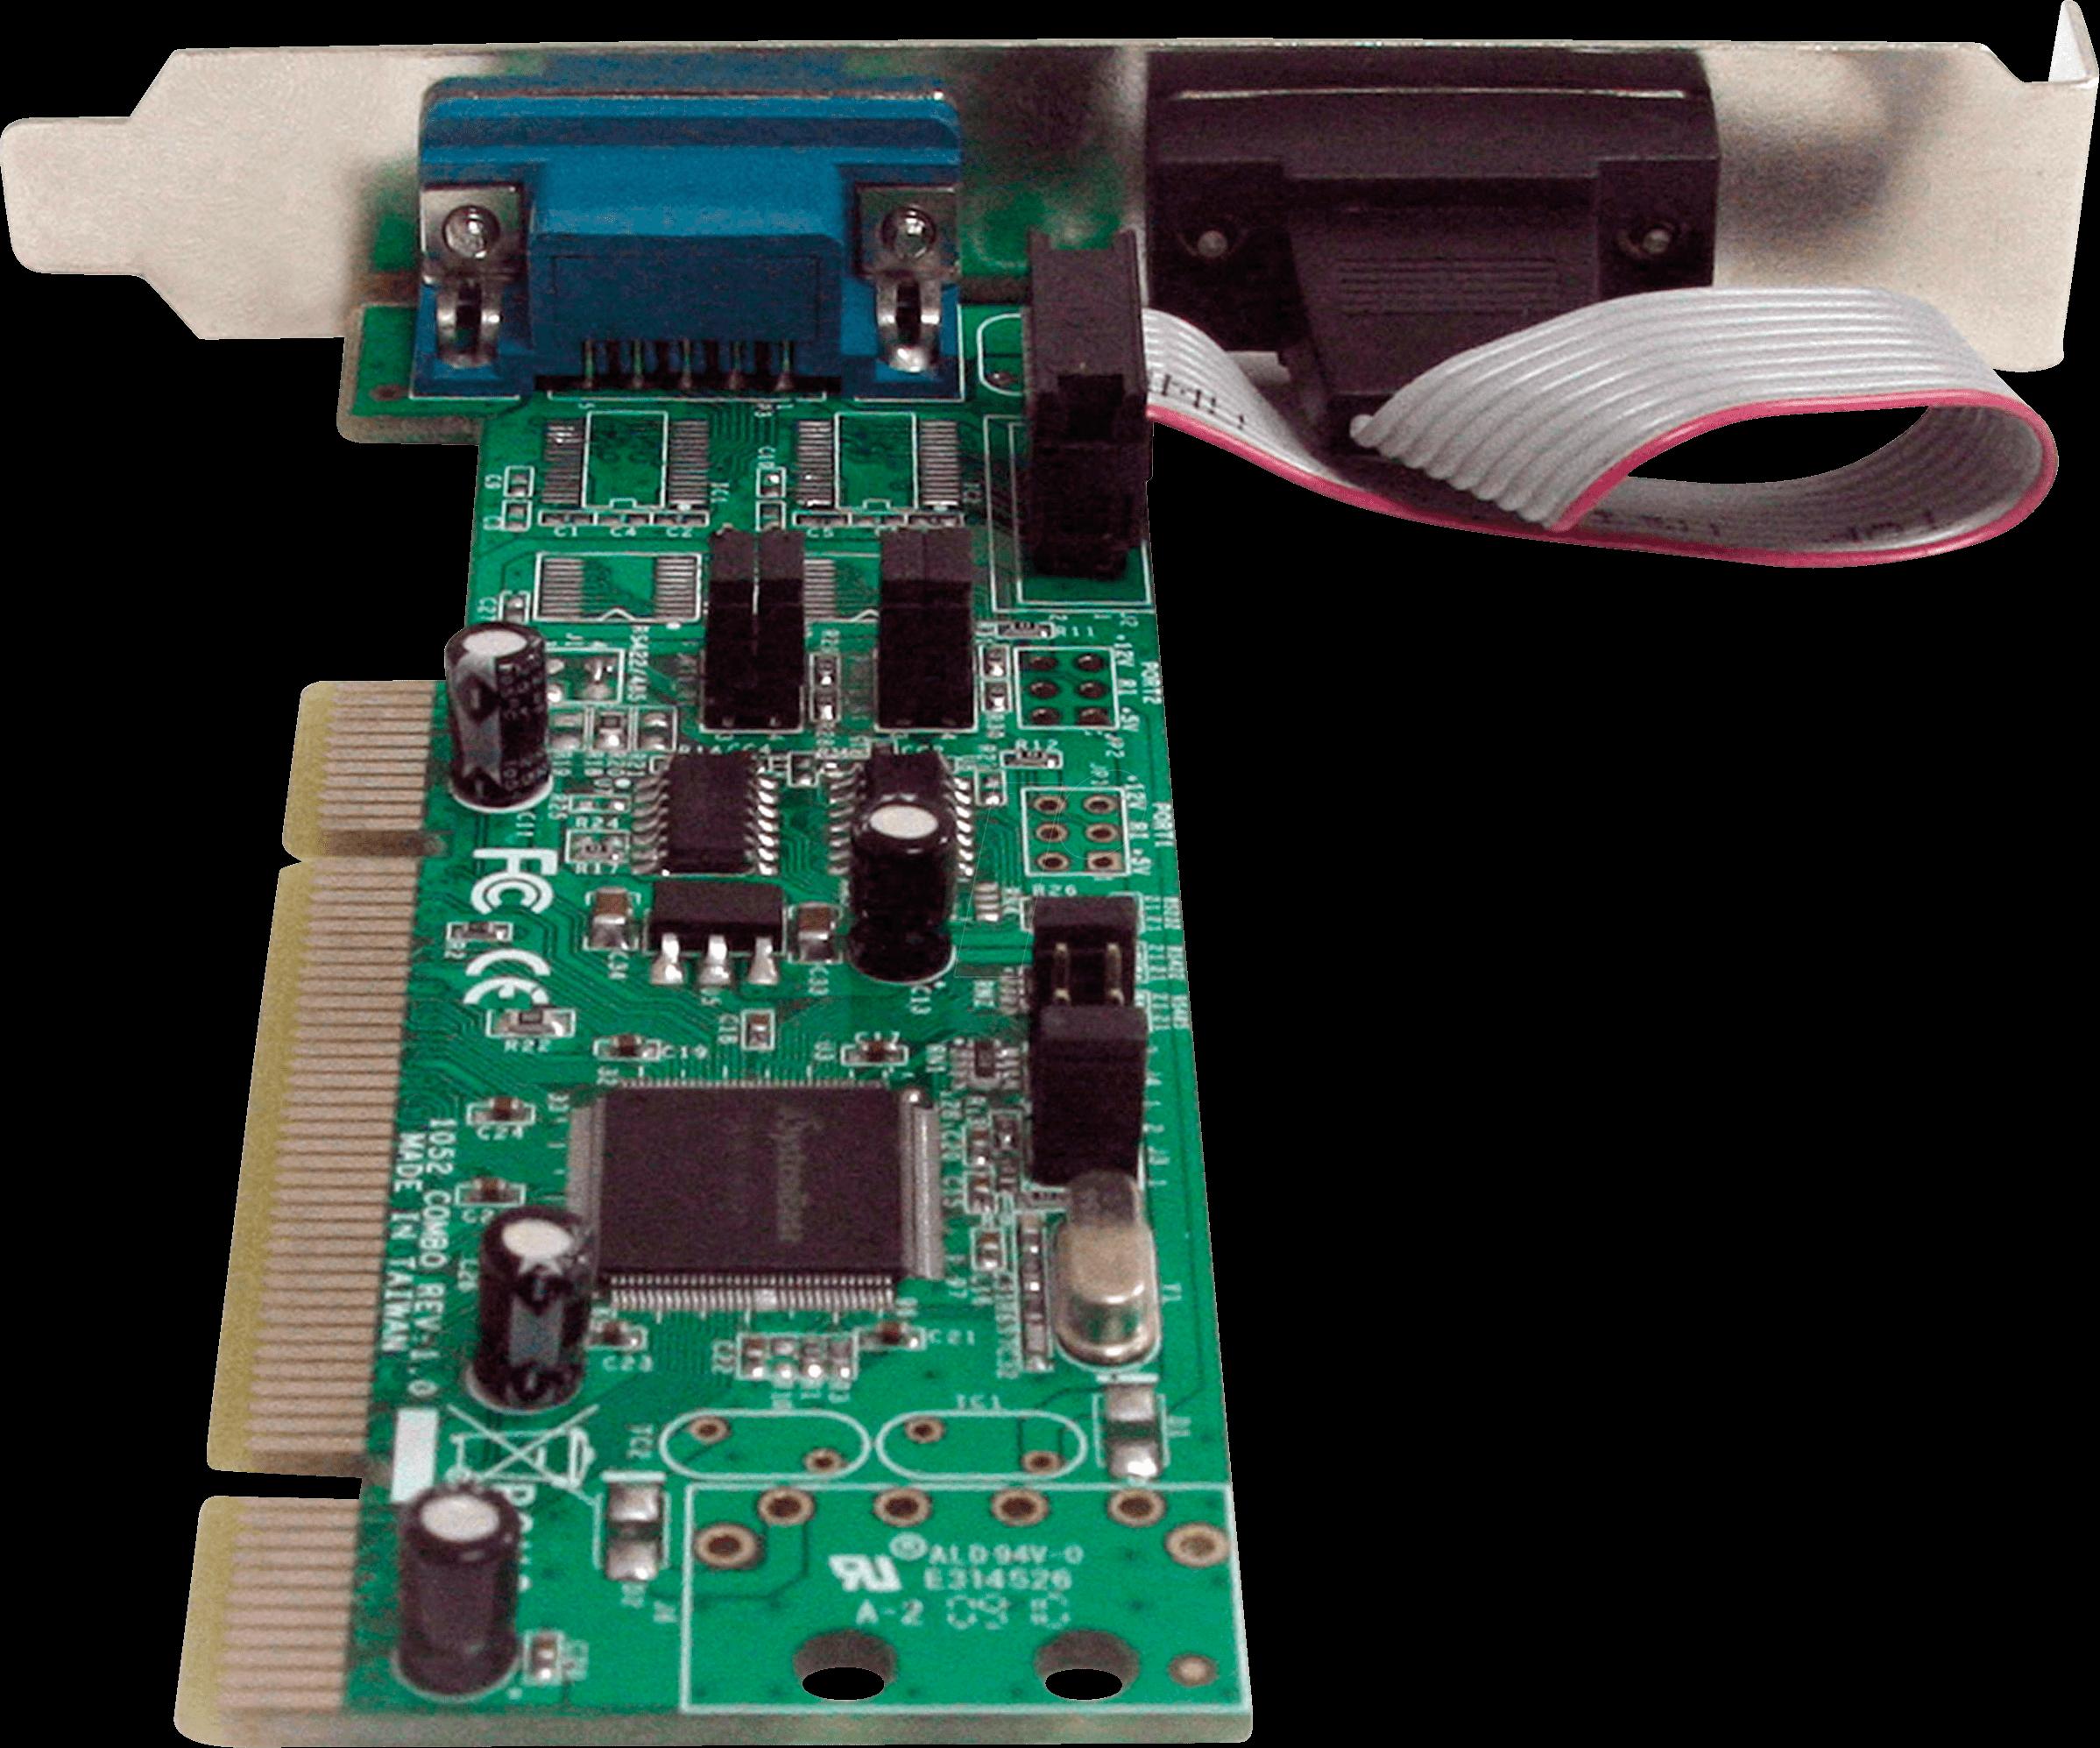 https://cdn-reichelt.de/bilder/web/xxl_ws/E910/STARTECH_PCI2S4851050_04.png